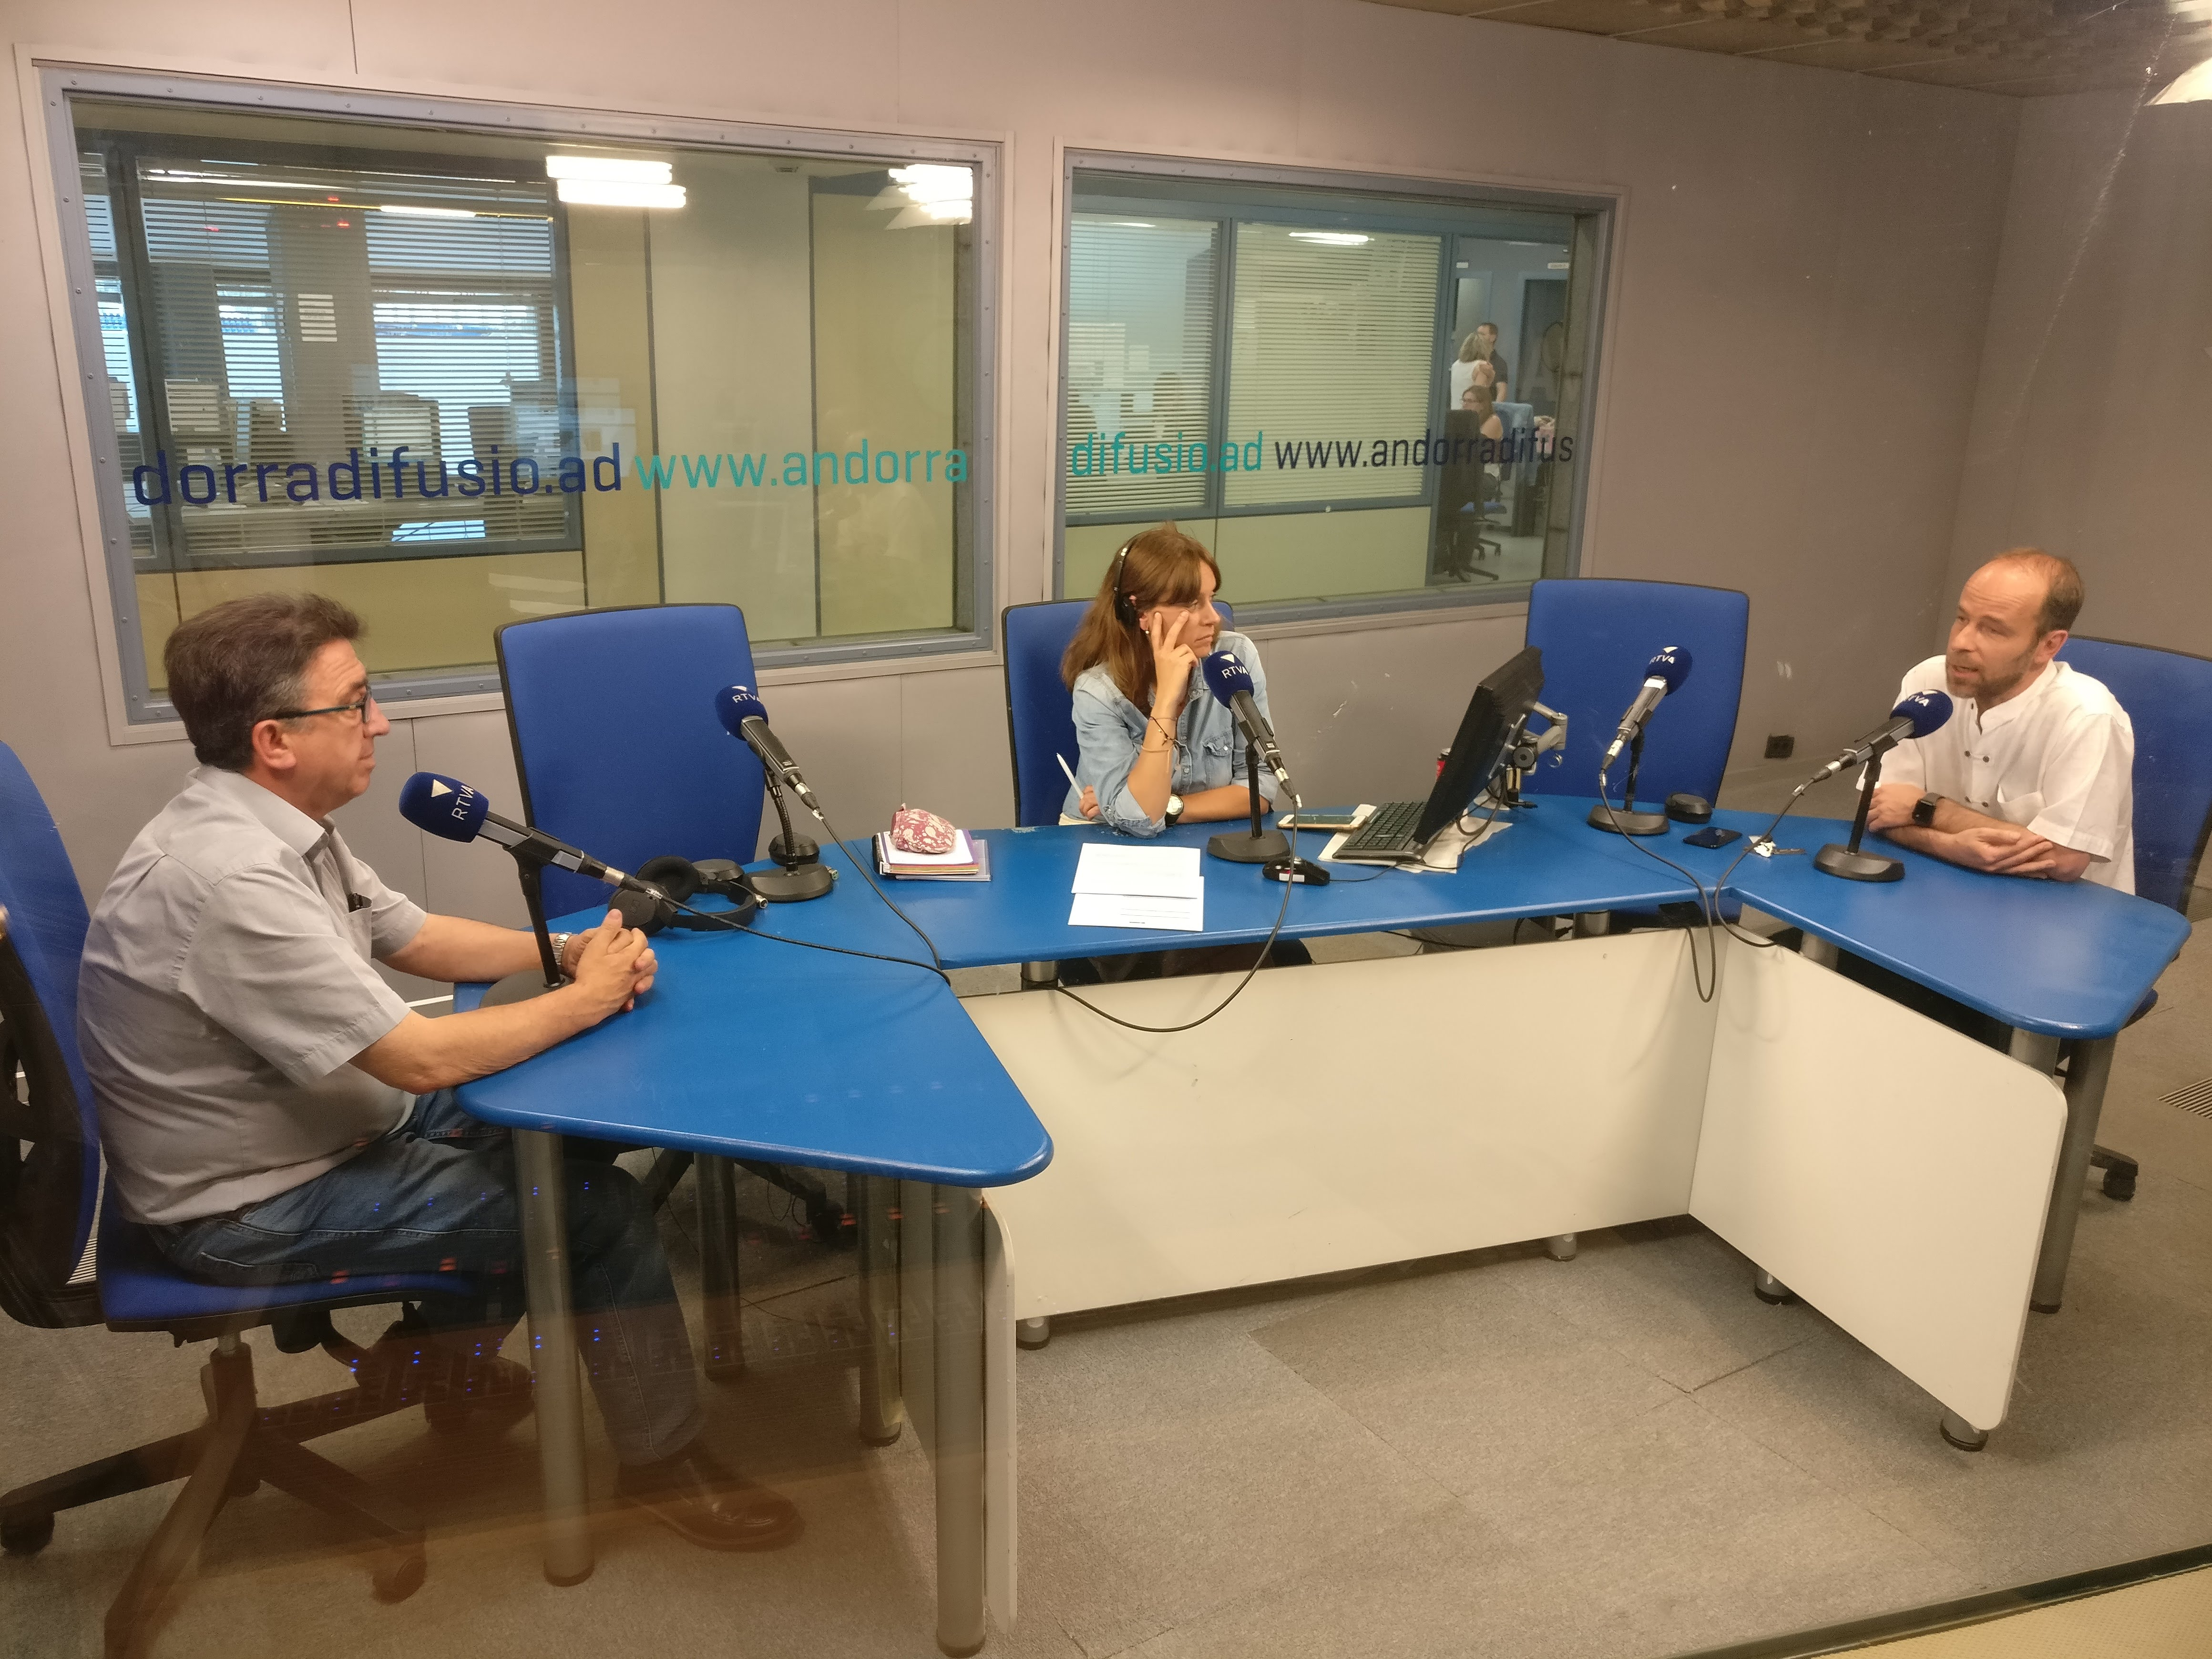 Tertúlia amb Josep Maria Cucalón i Manel Montoro 27 de juny del 2018